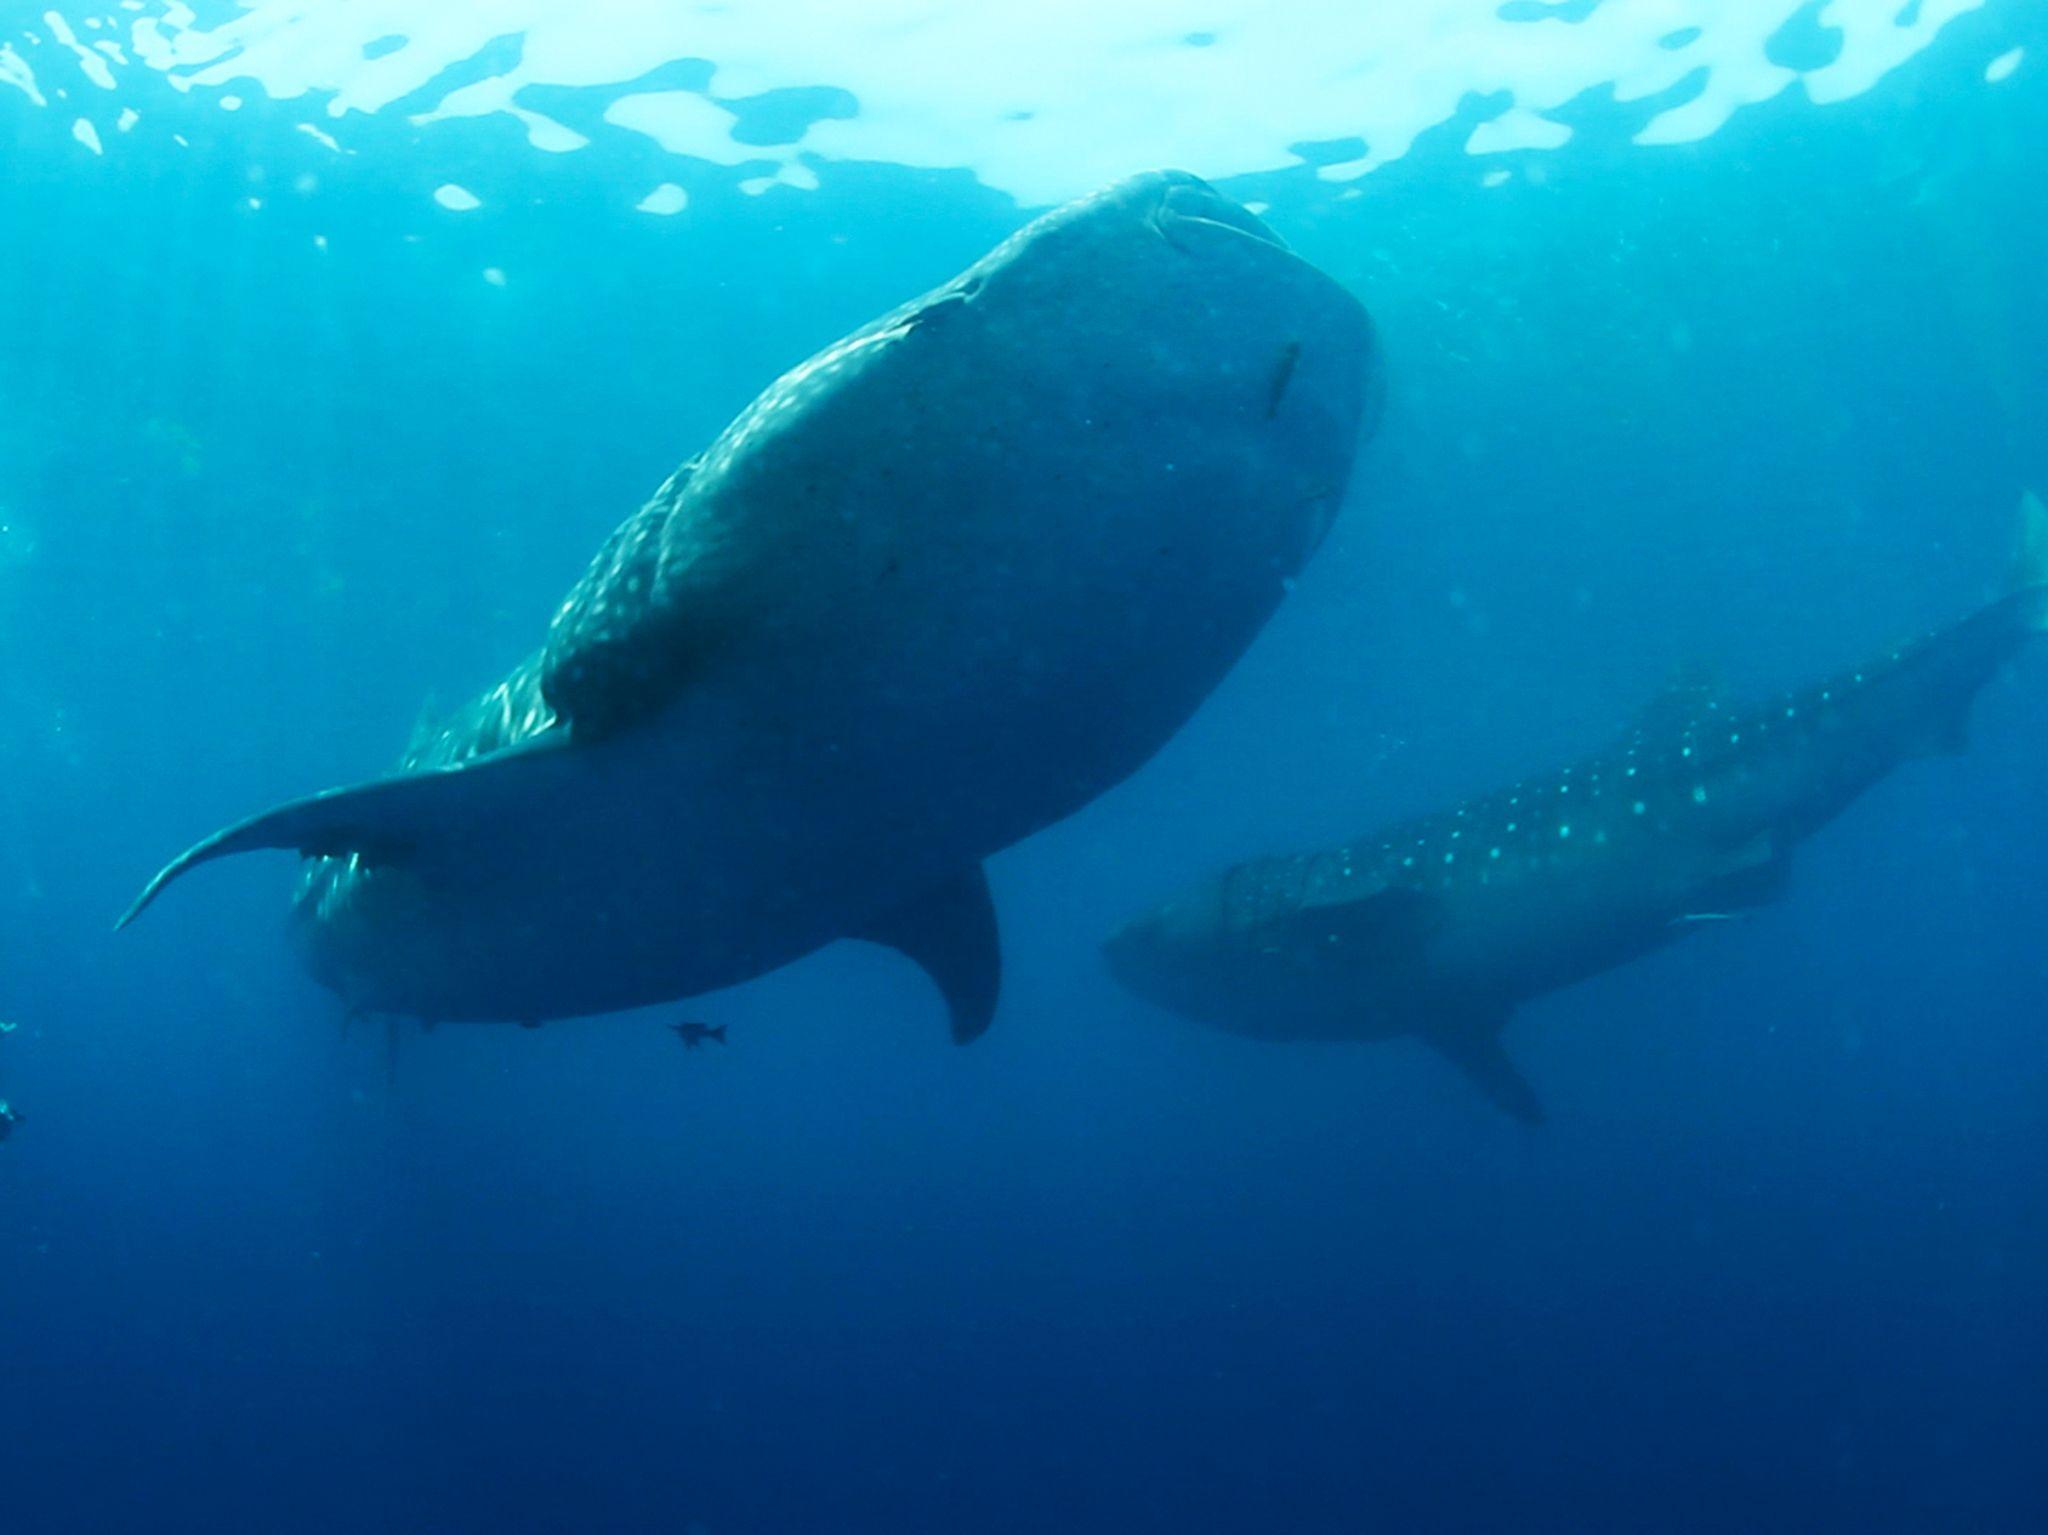 Il dottor Eric Hoffmayer, biologo della Research Fishery Biologist nuota liberamente vicino a un... [Foto del giorno - gennaio 2017]